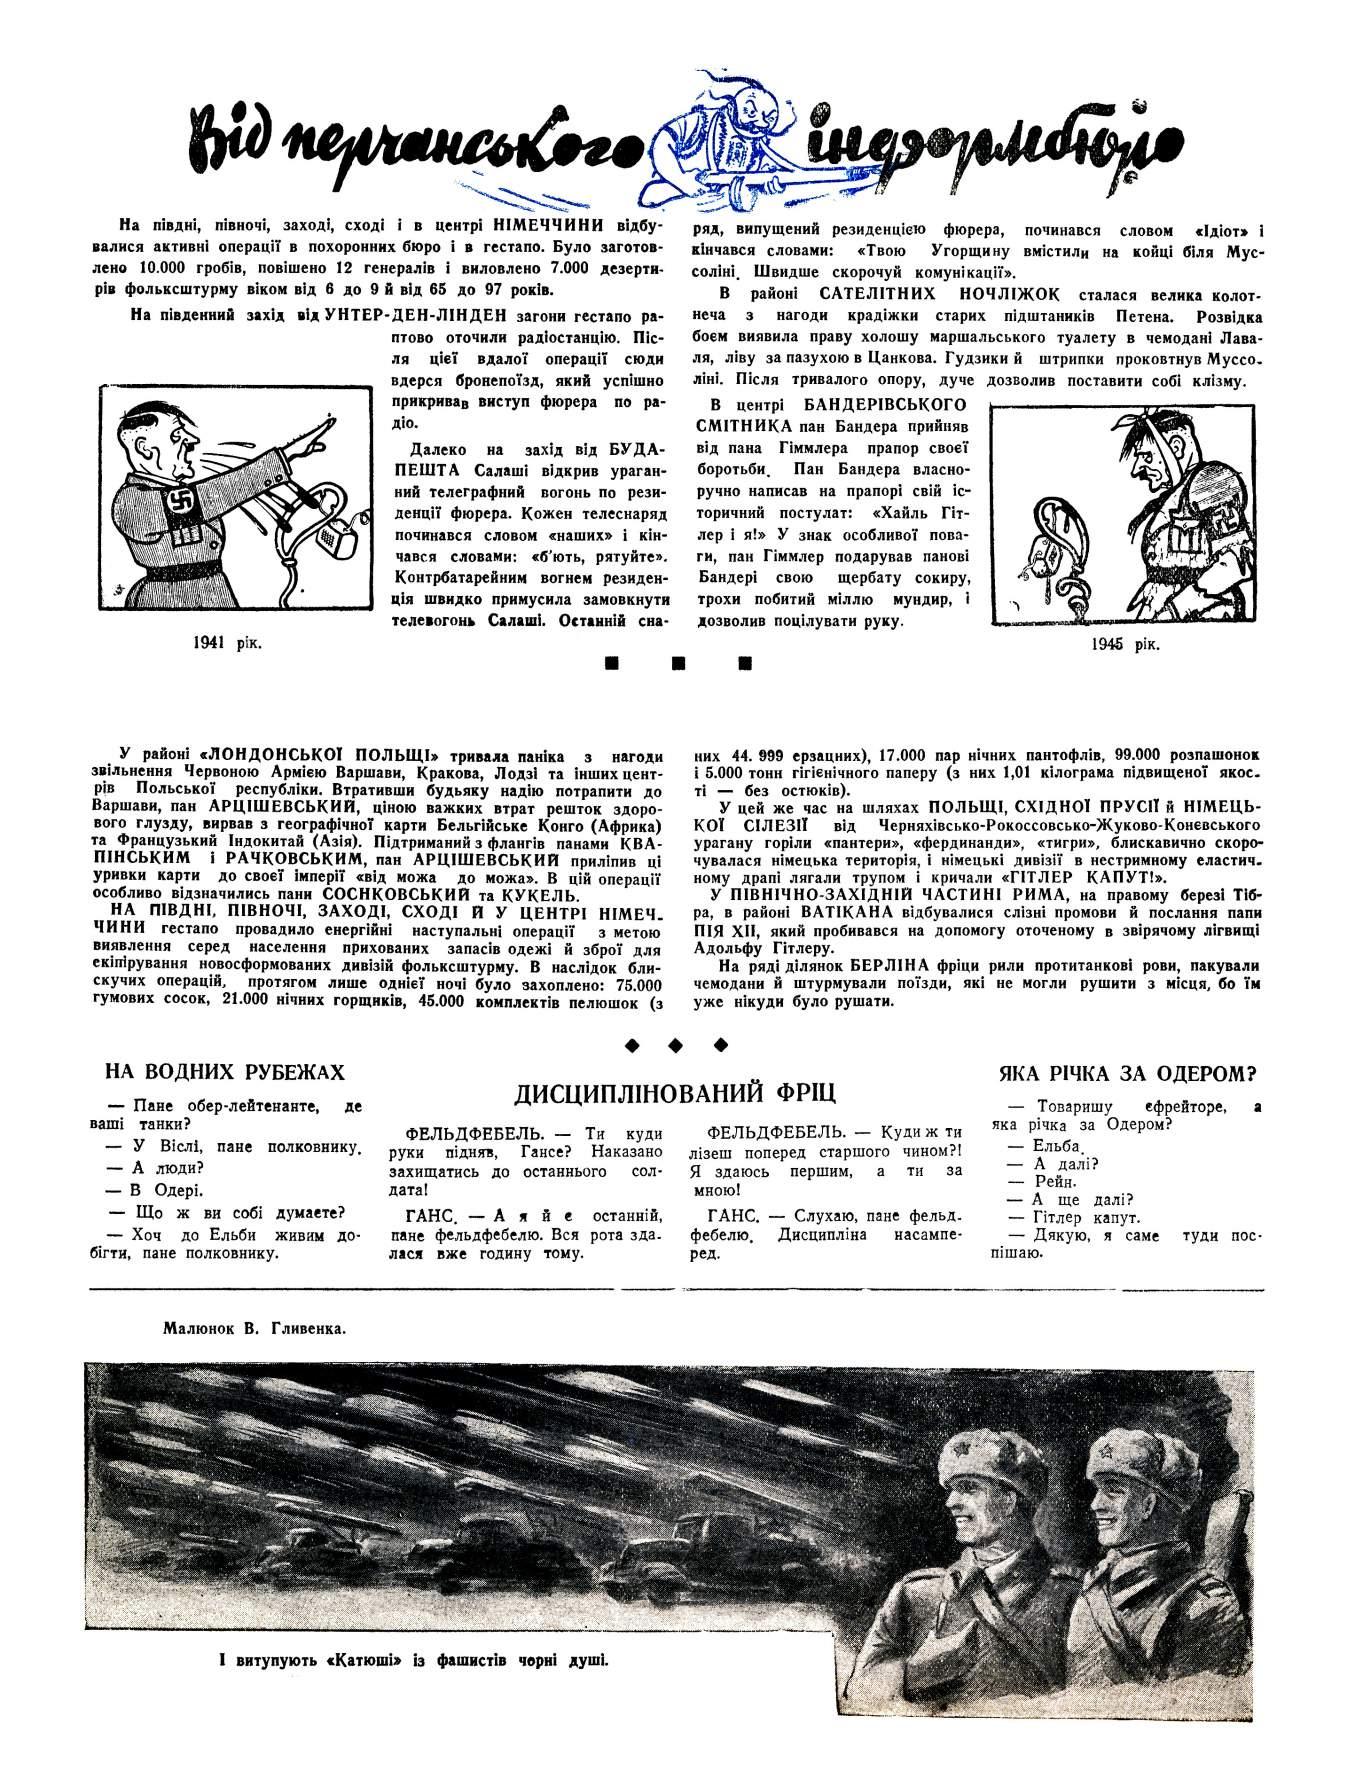 Журнал перець 1945 №01